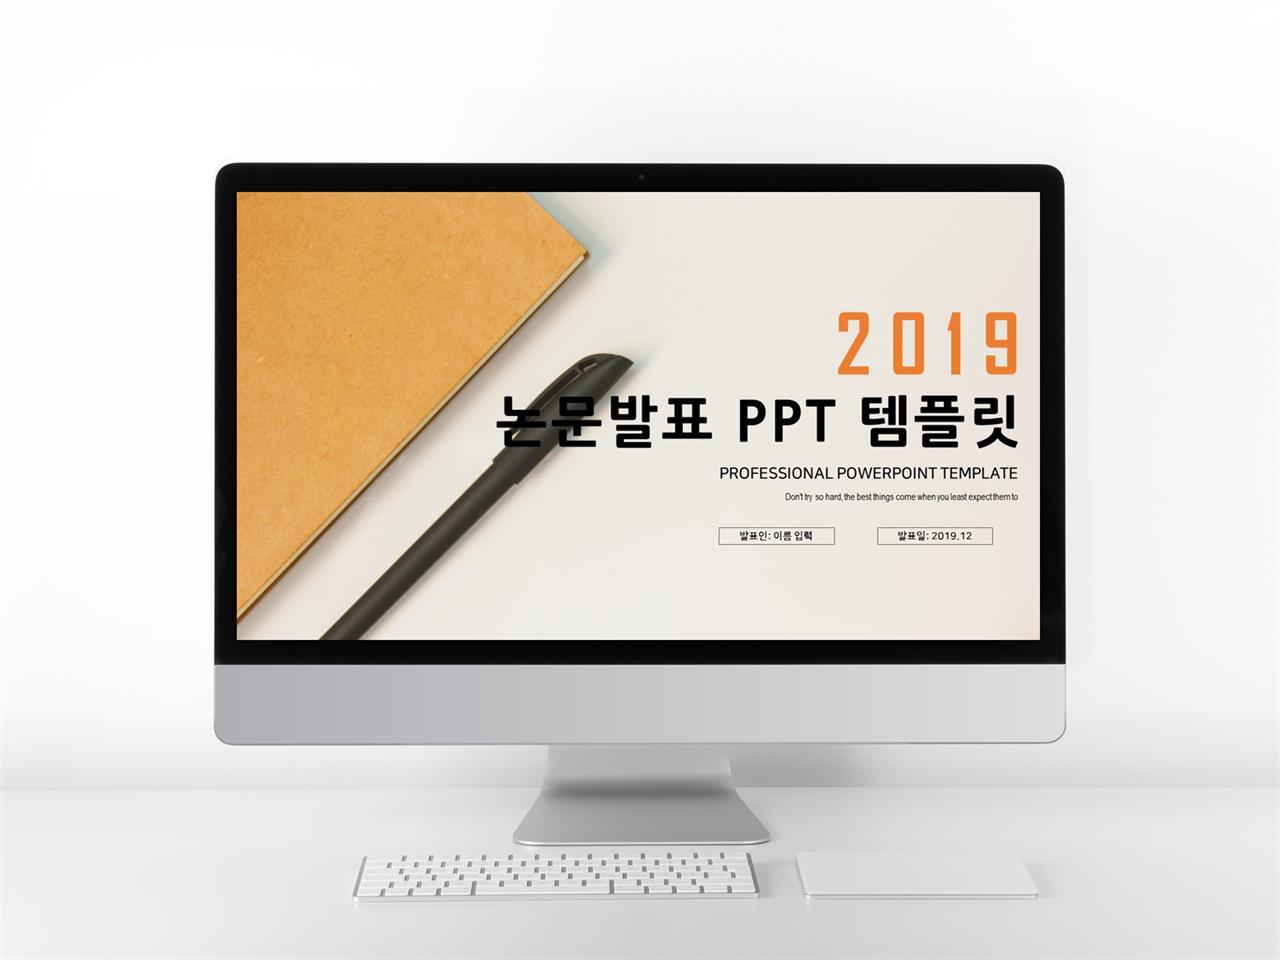 졸업논문 등황색 귀여운 고급스럽운 파워포인트템플릿 사이트 미리보기